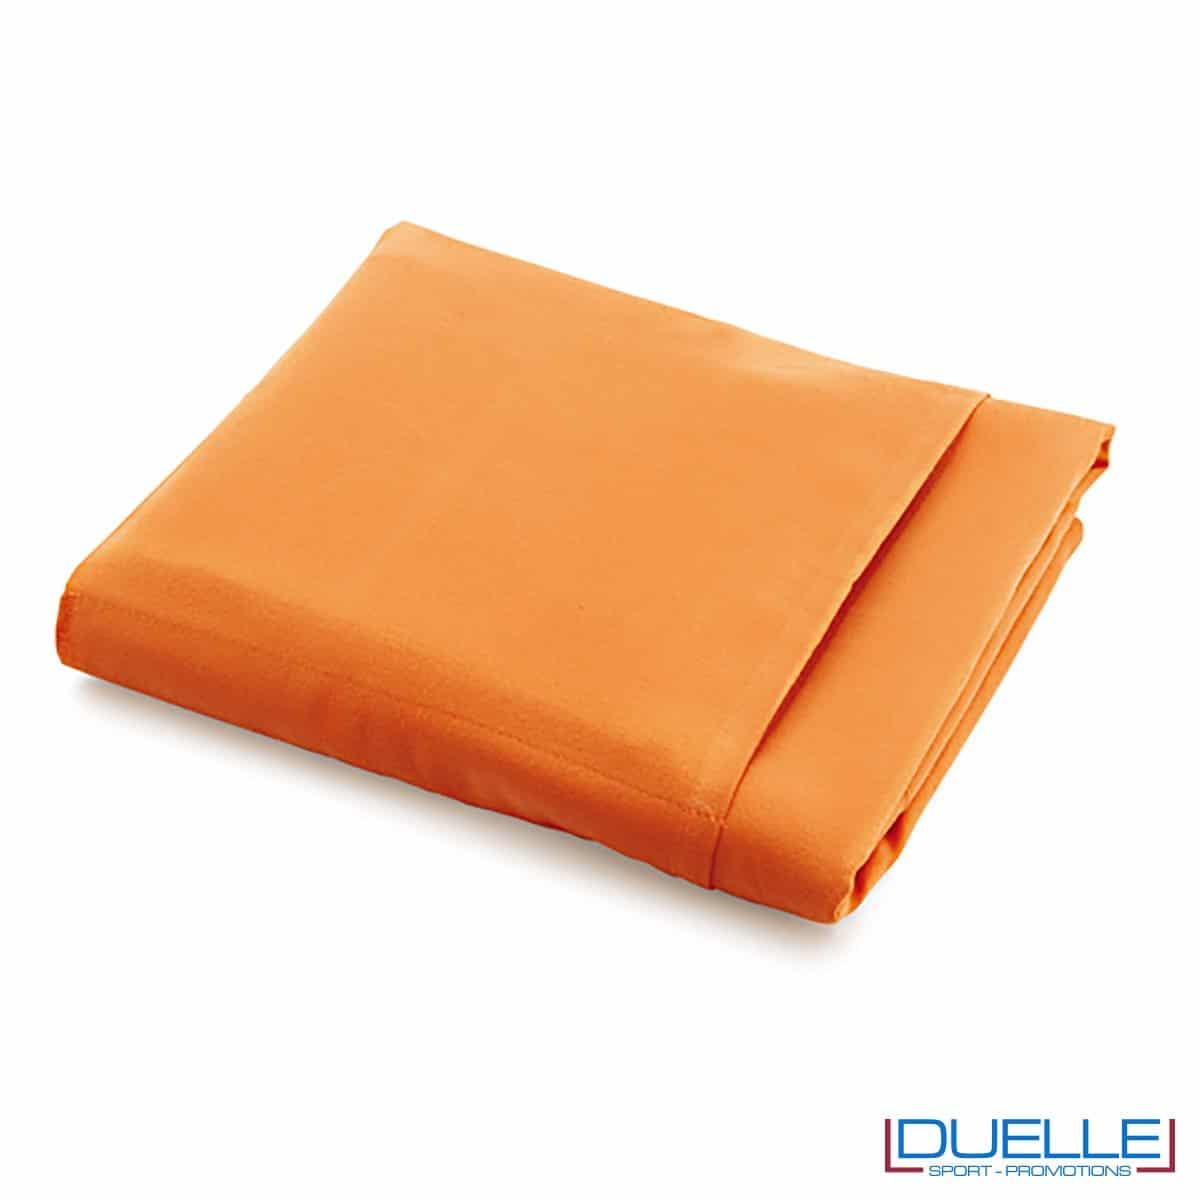 telo promozionale microfibra arancione, gadget viaggio